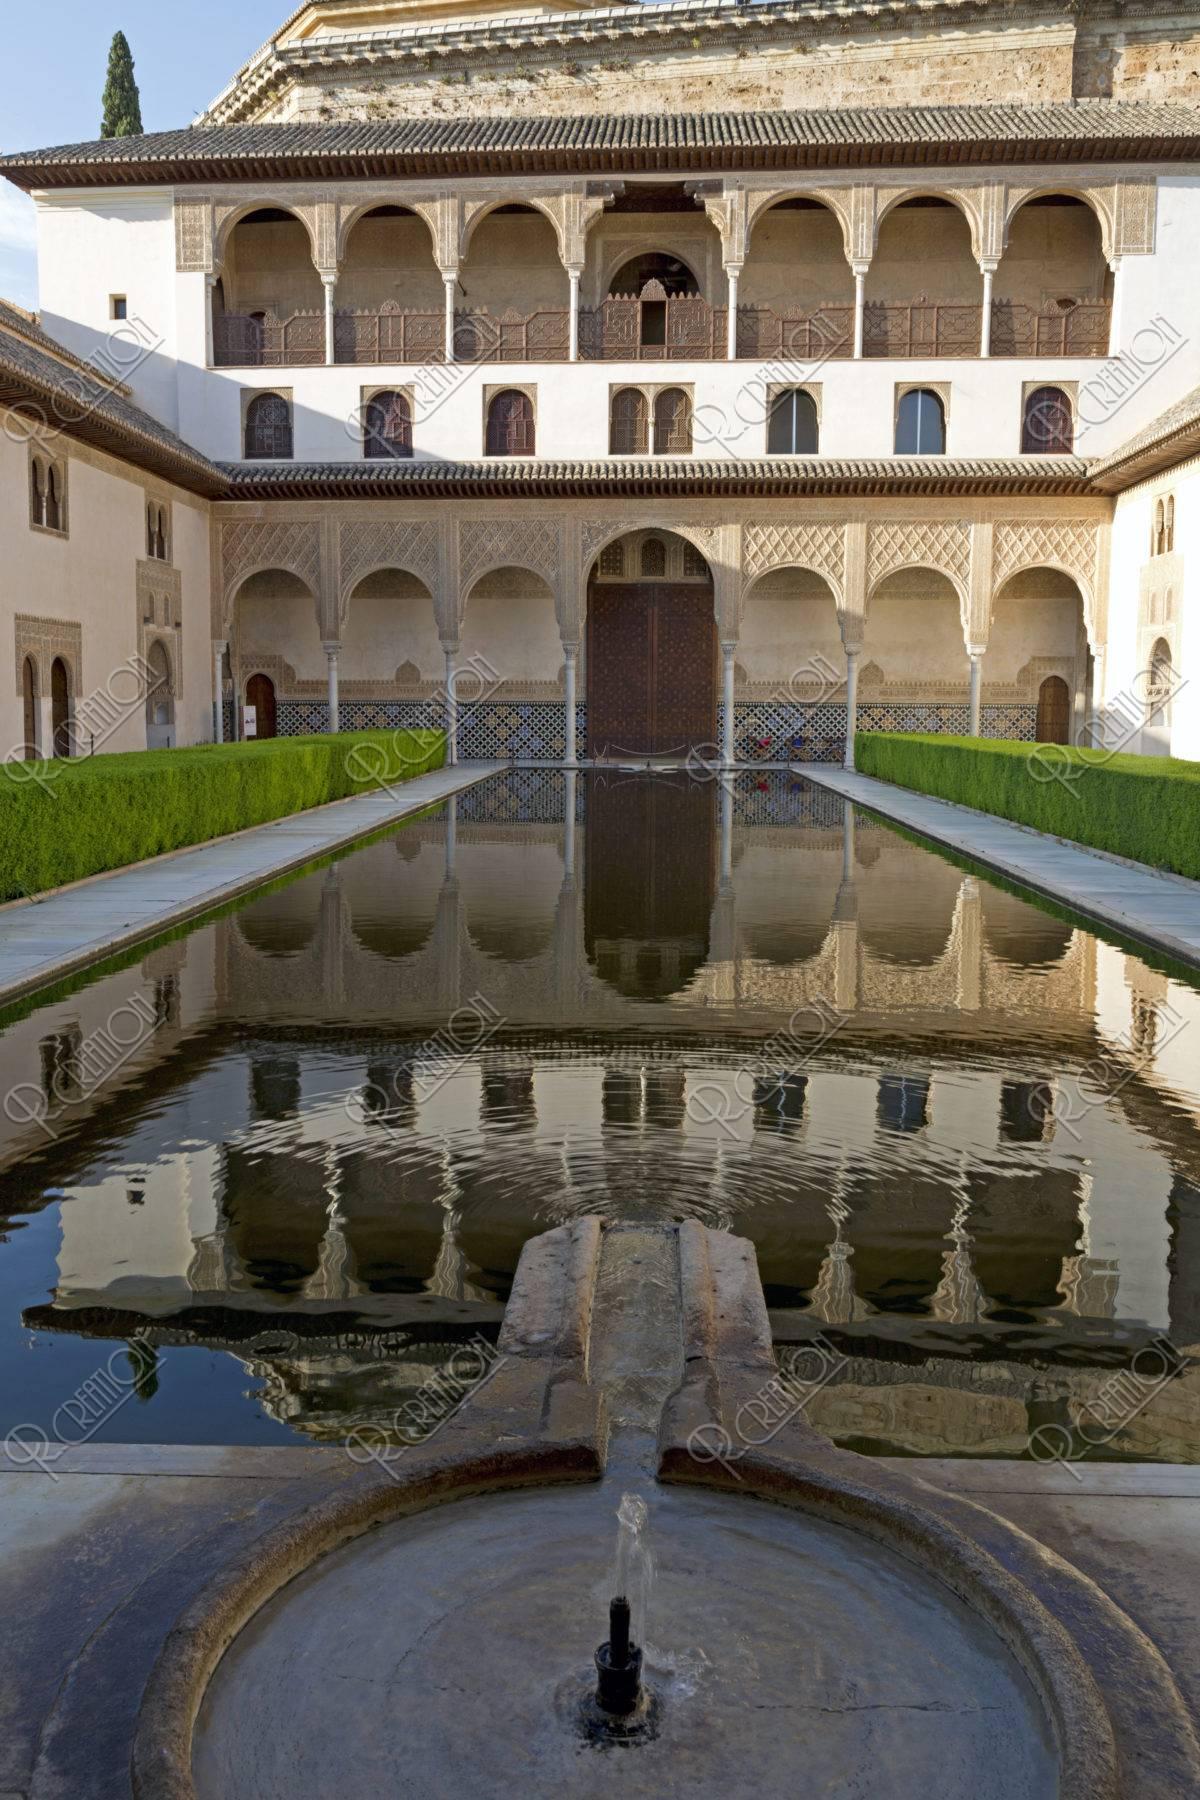 アルハンブラ宮殿 アラヤネスの中庭